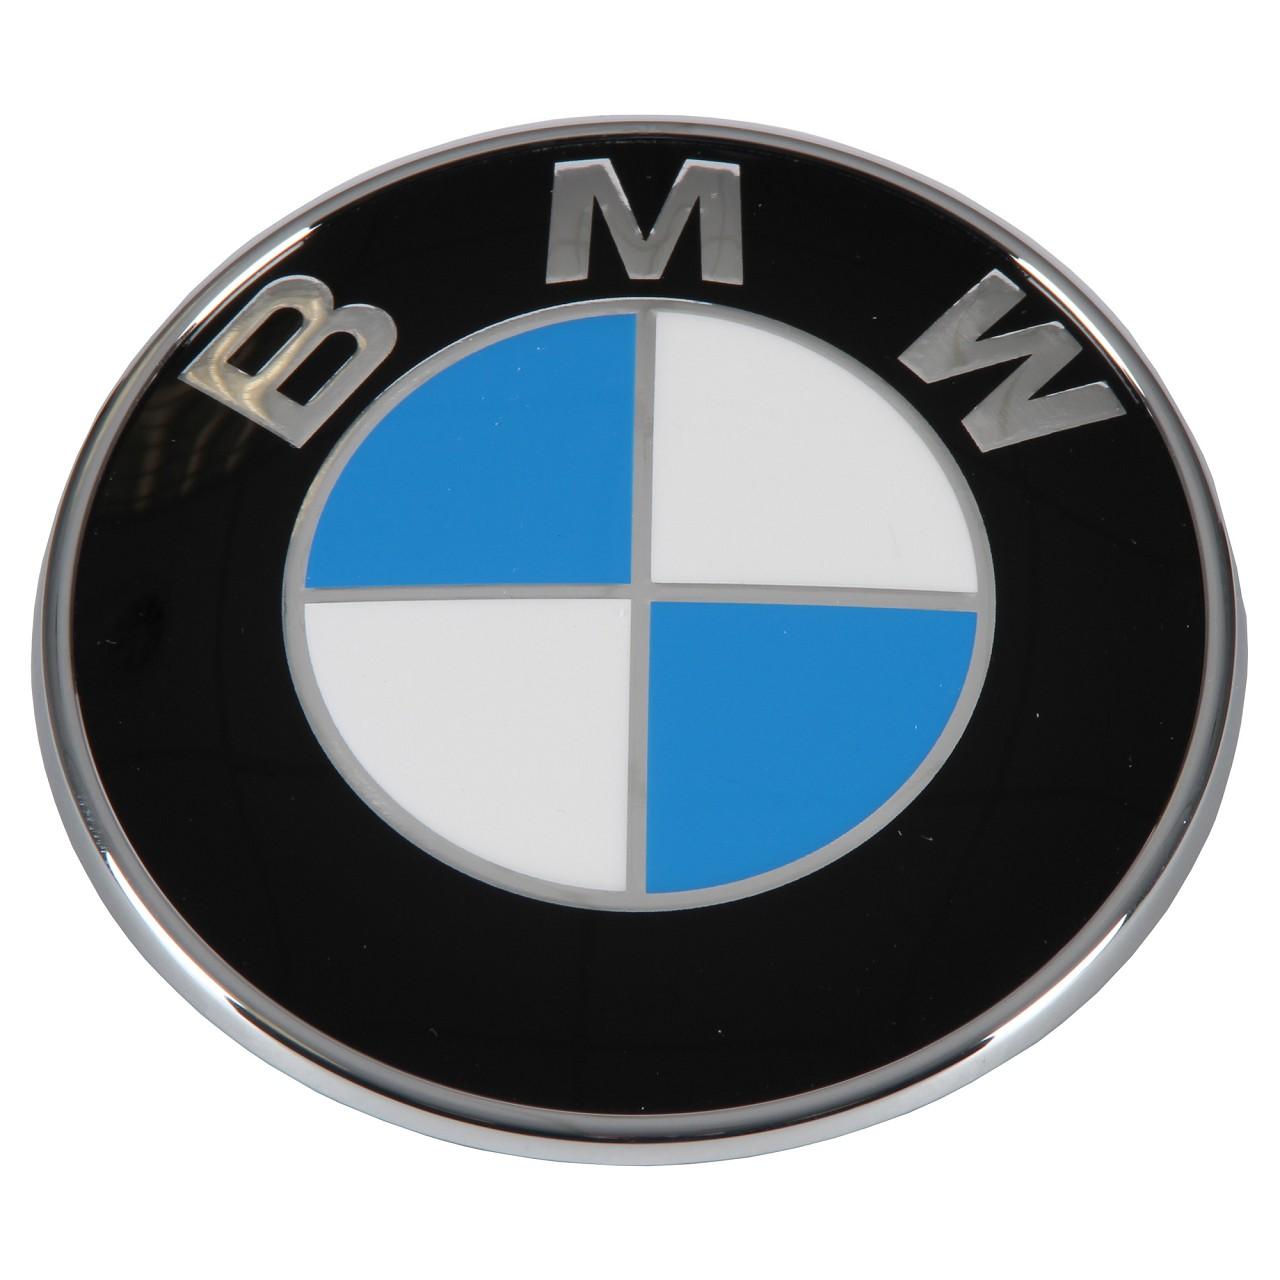 ORIGINAL BMW Emblem Plakette Logo Heckklappe 51147146051 für er COUPE E92